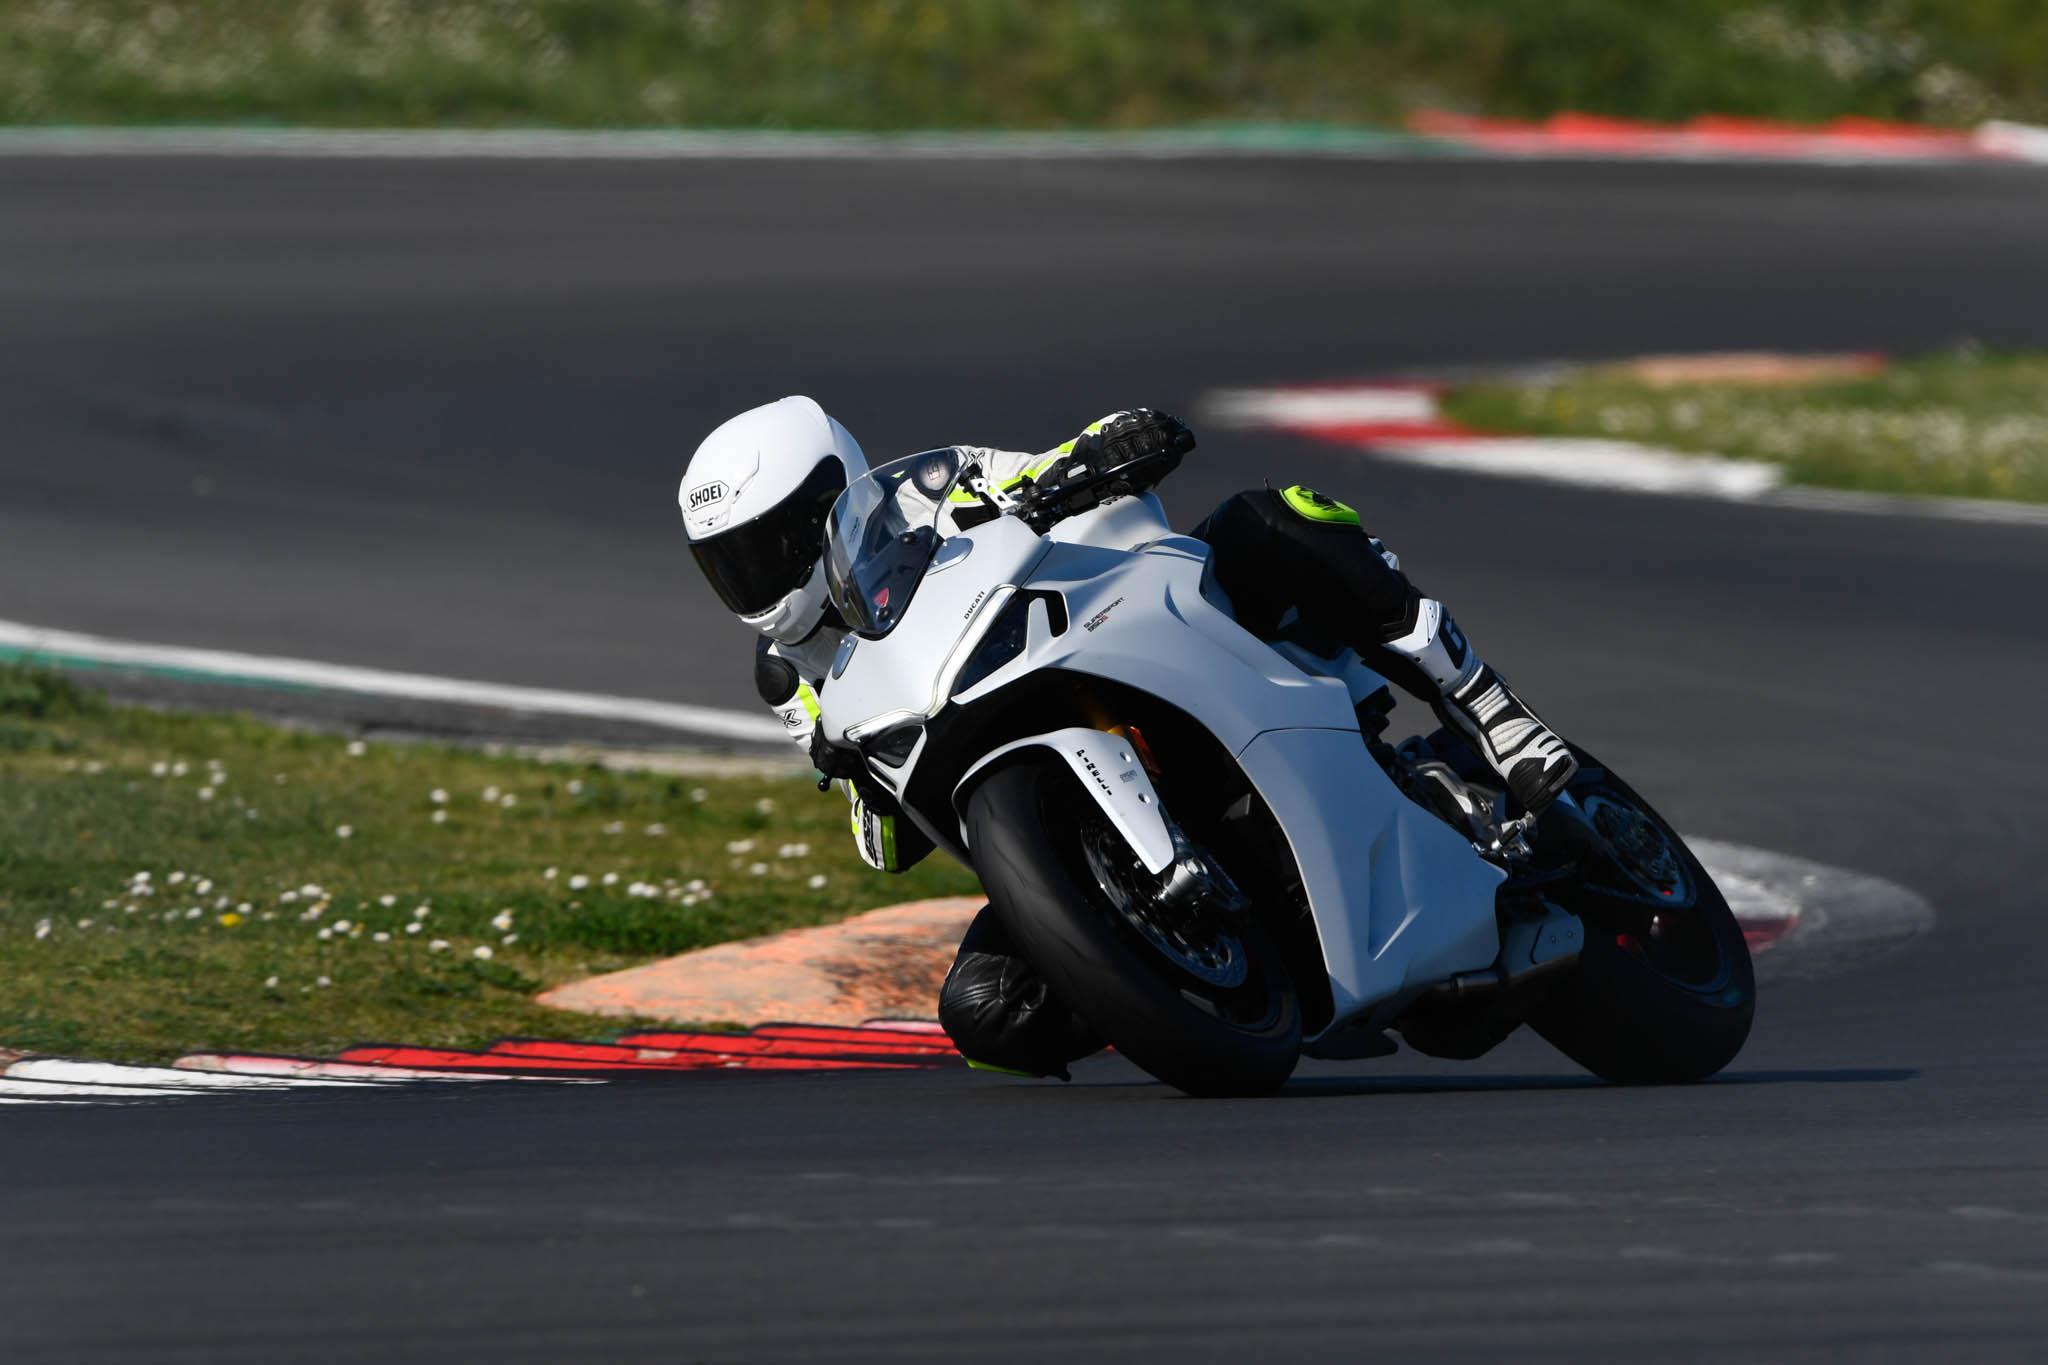 Ducati_SuperSport_950_2021-1